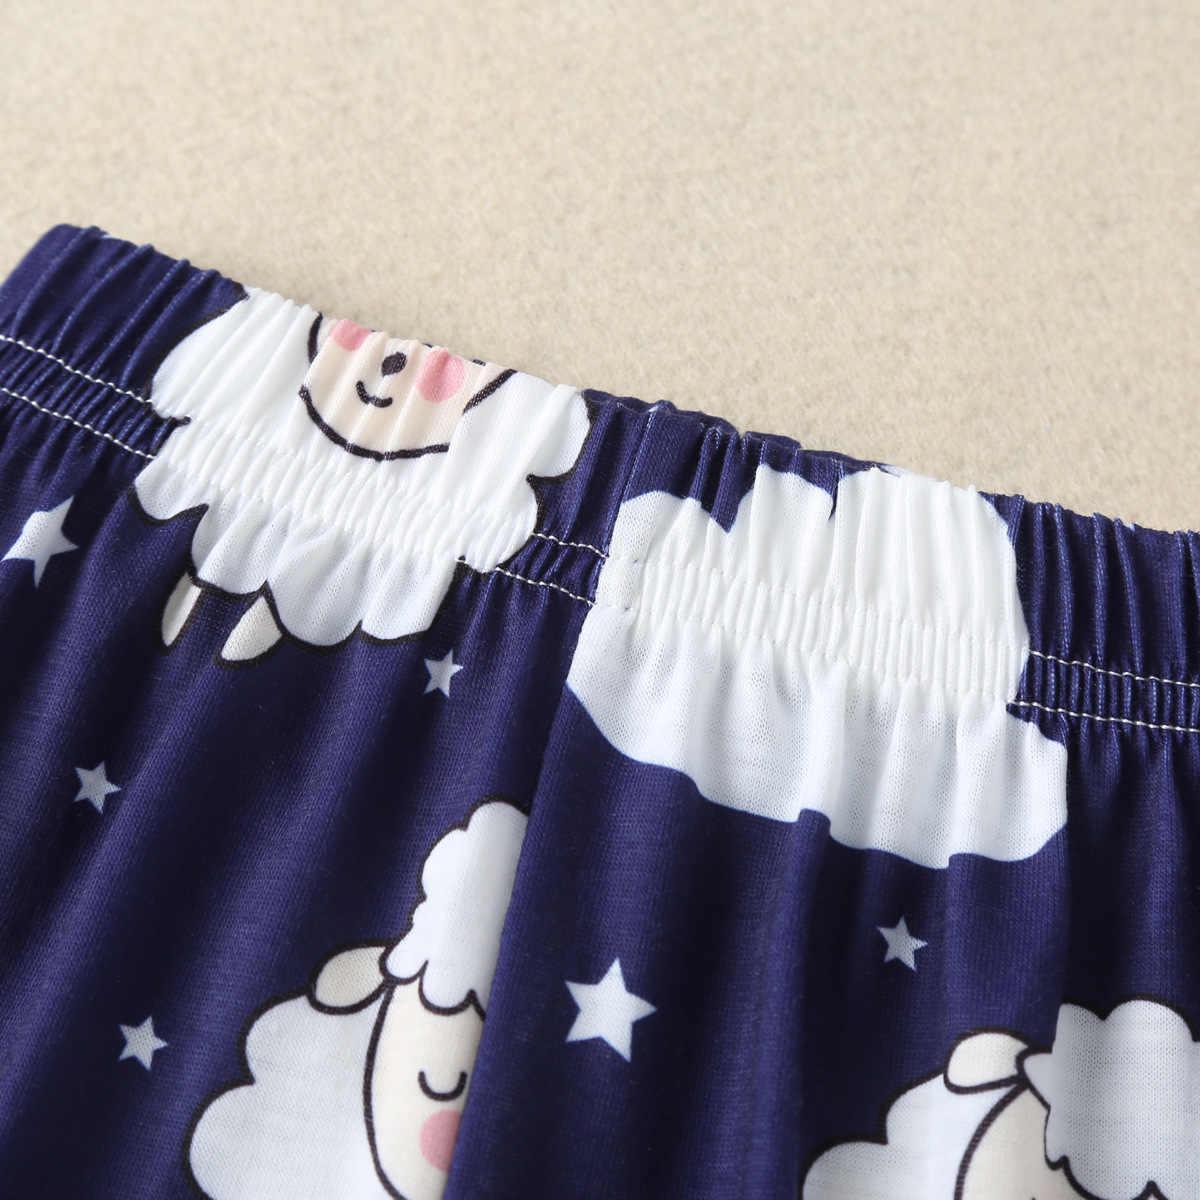 새로운 신생아 3 Pcs 유아 아기 소년 소녀 의류 세트 긴 소매 양 Romper 키즈 탑스 티셔츠 + 레깅스 바지 + 모자 복장 옷